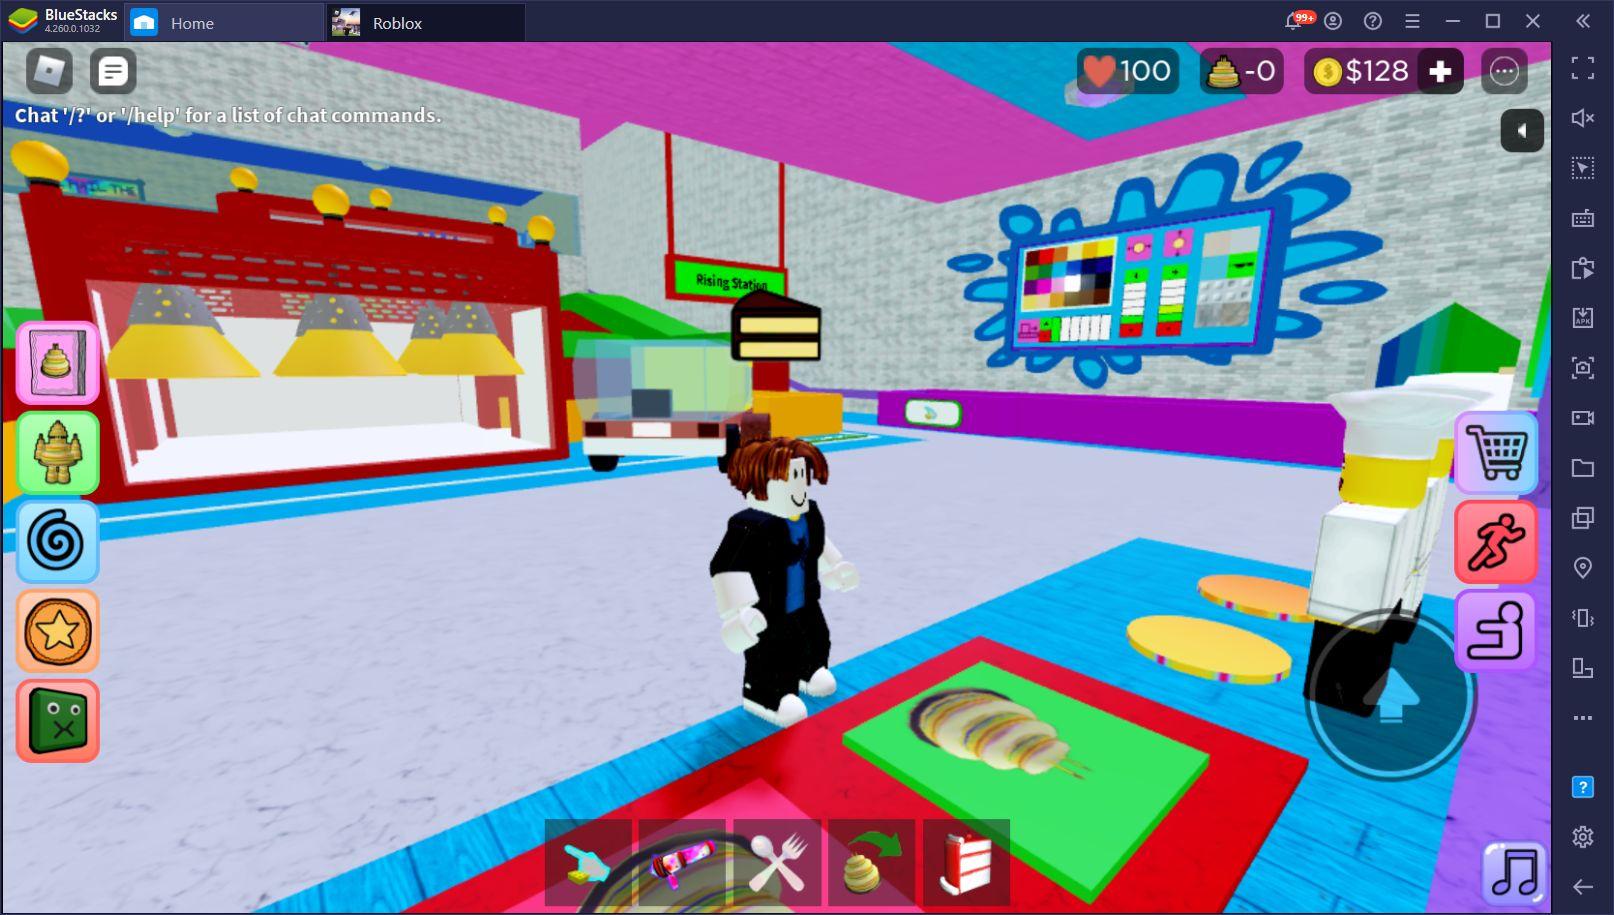 Roblox auf dem PC – Verwende die BlueStacks-Werkzeuge und in deinen Roblox-Spielen